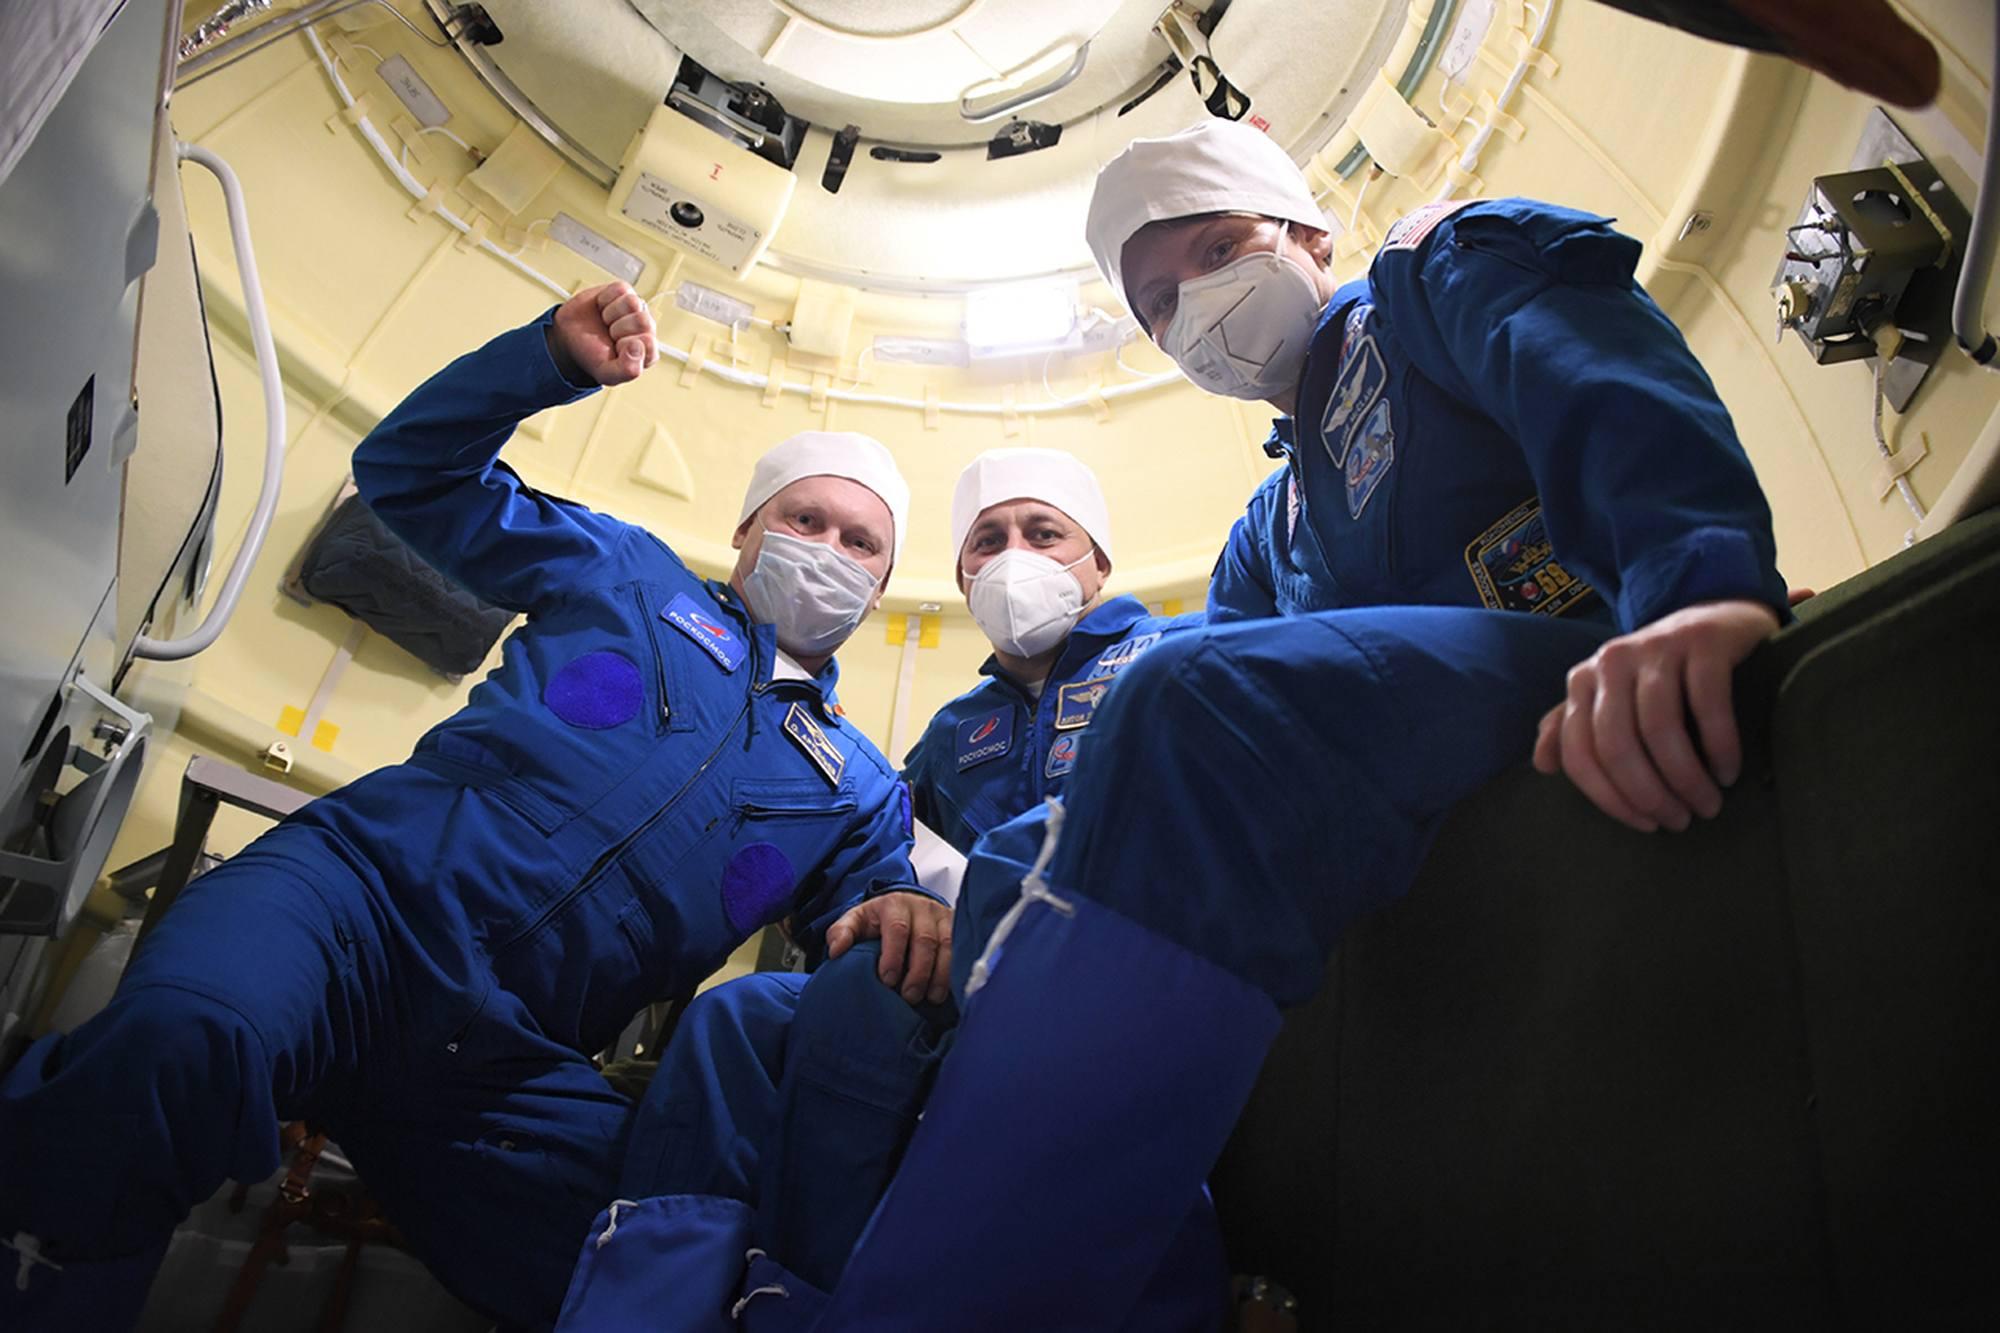 L'équipage de réserve de Soyouz MS-18 dans le compartiment orbital de Soyouz MS-18.